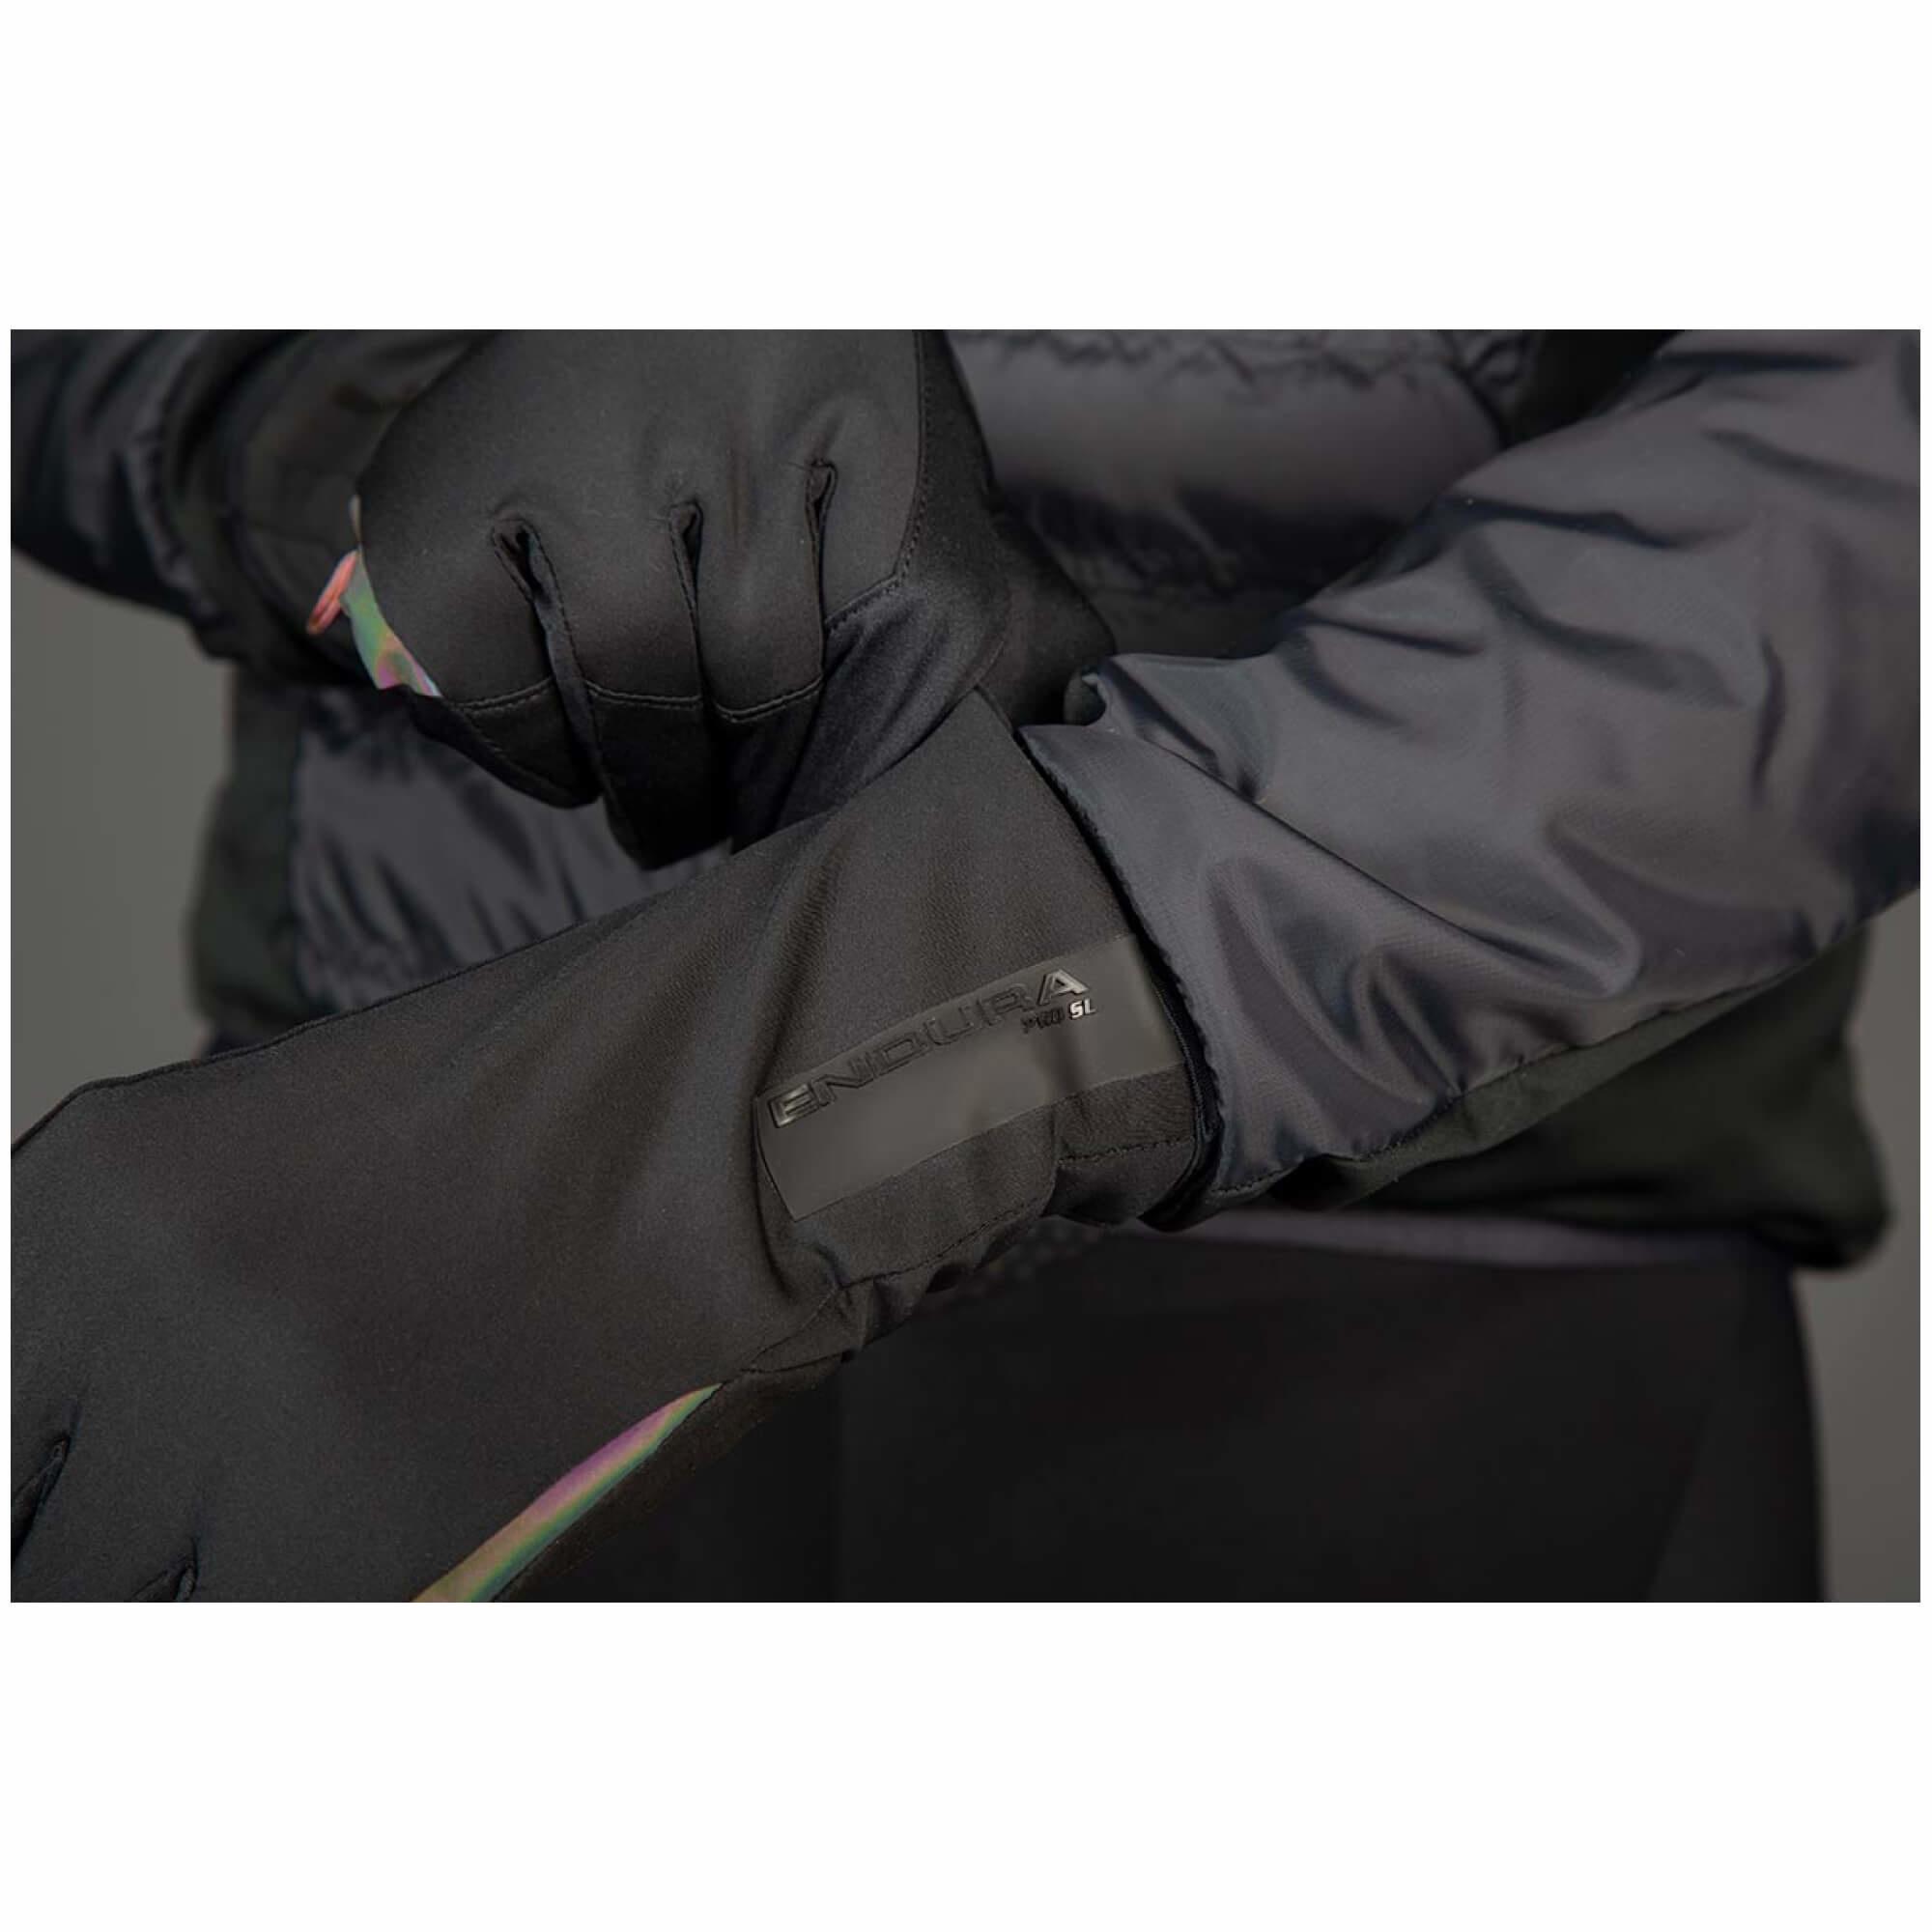 Pro SL Waterproof Glove-6